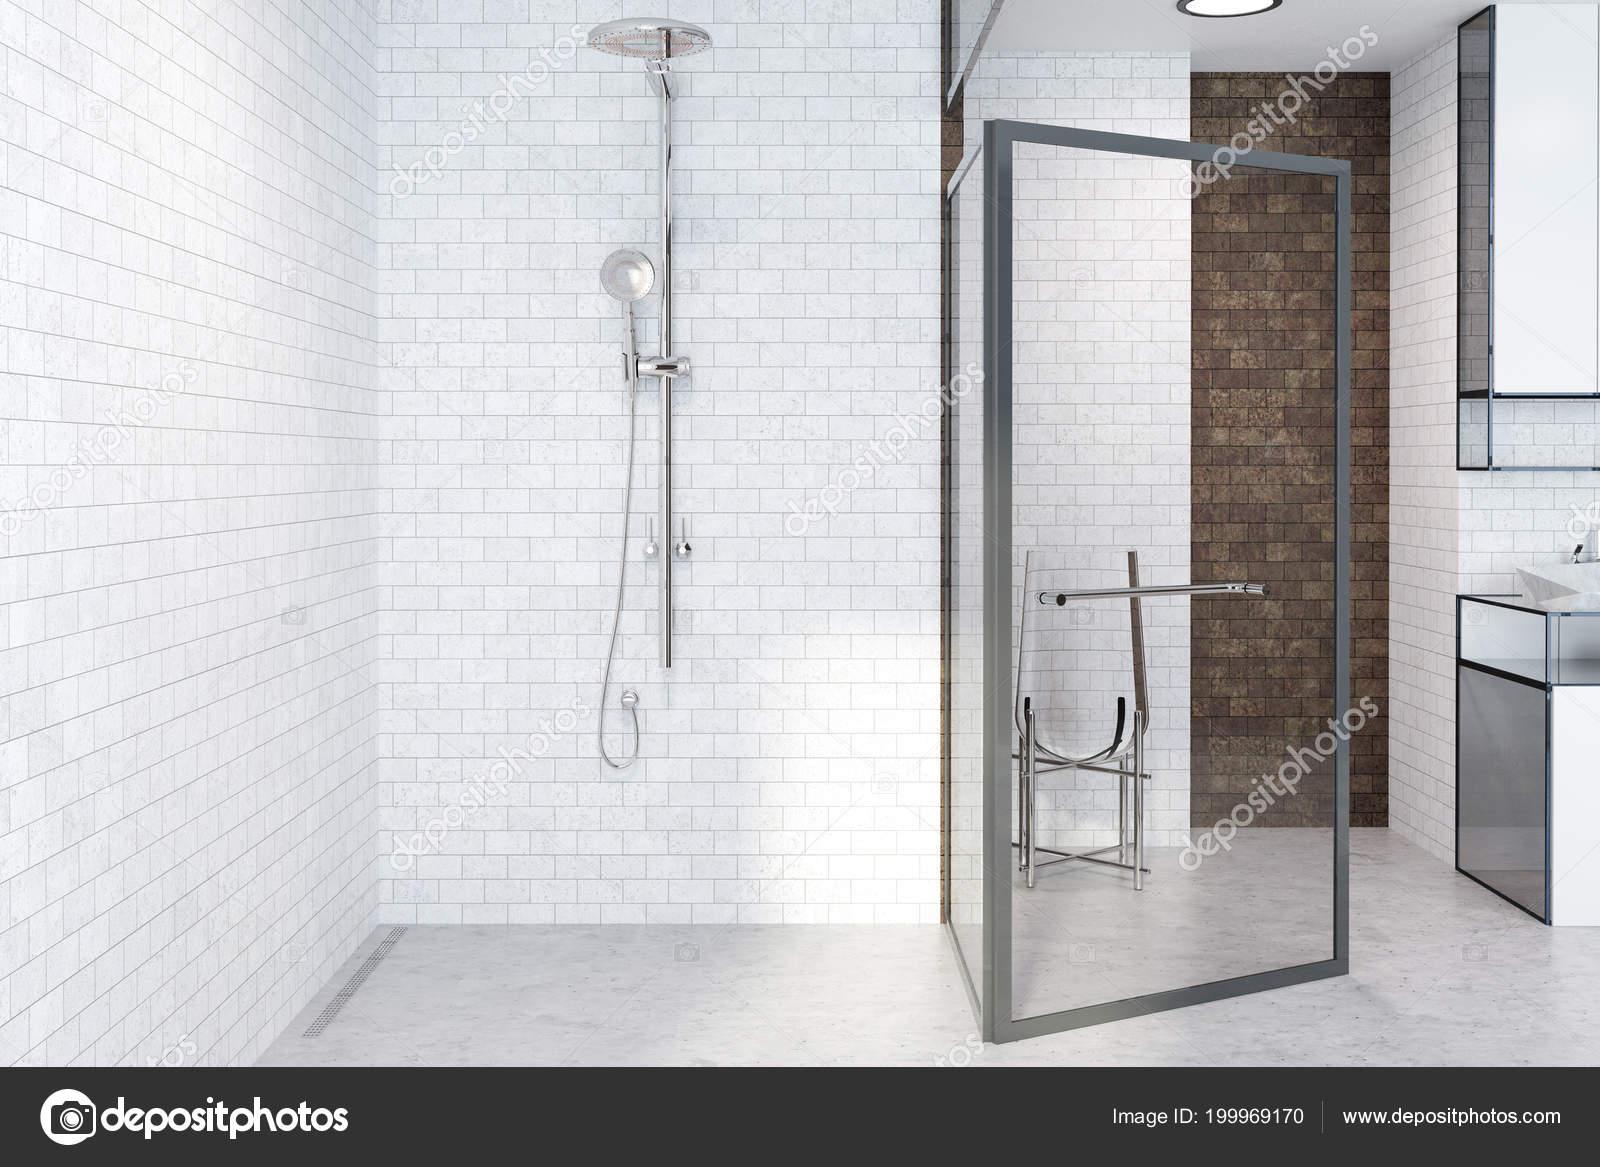 Badkamer met open douche badkamer met inloopdouche en inbouwkast